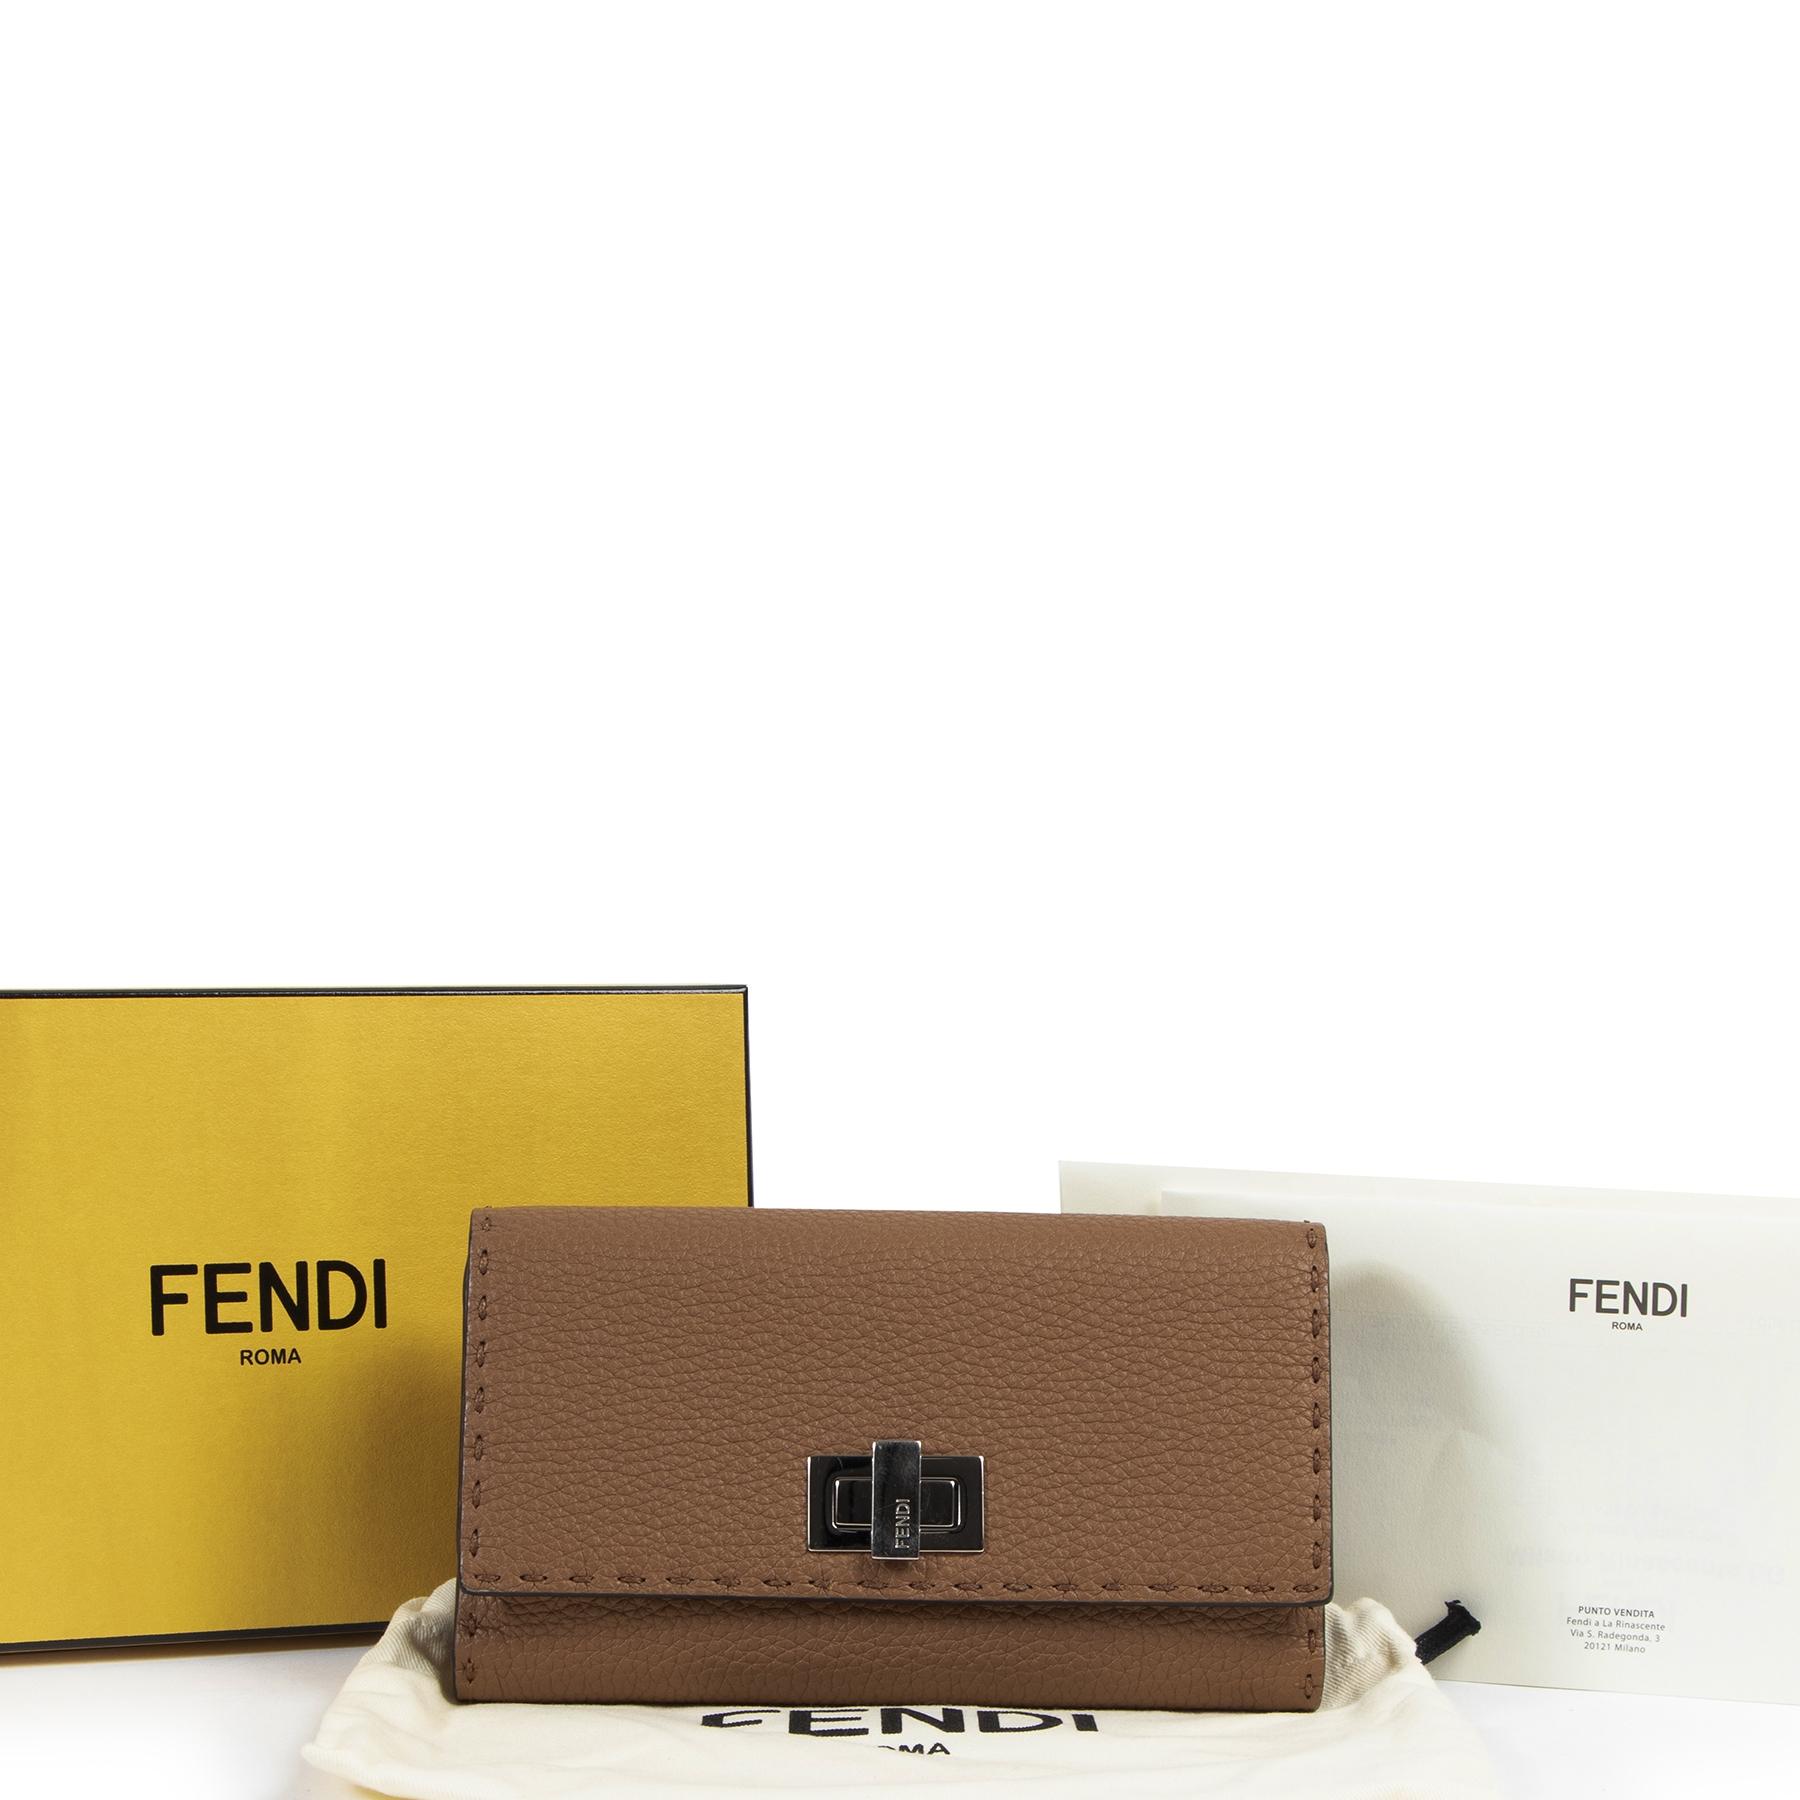 Fendi Cognac Grained Leather Peekaboo Wallet